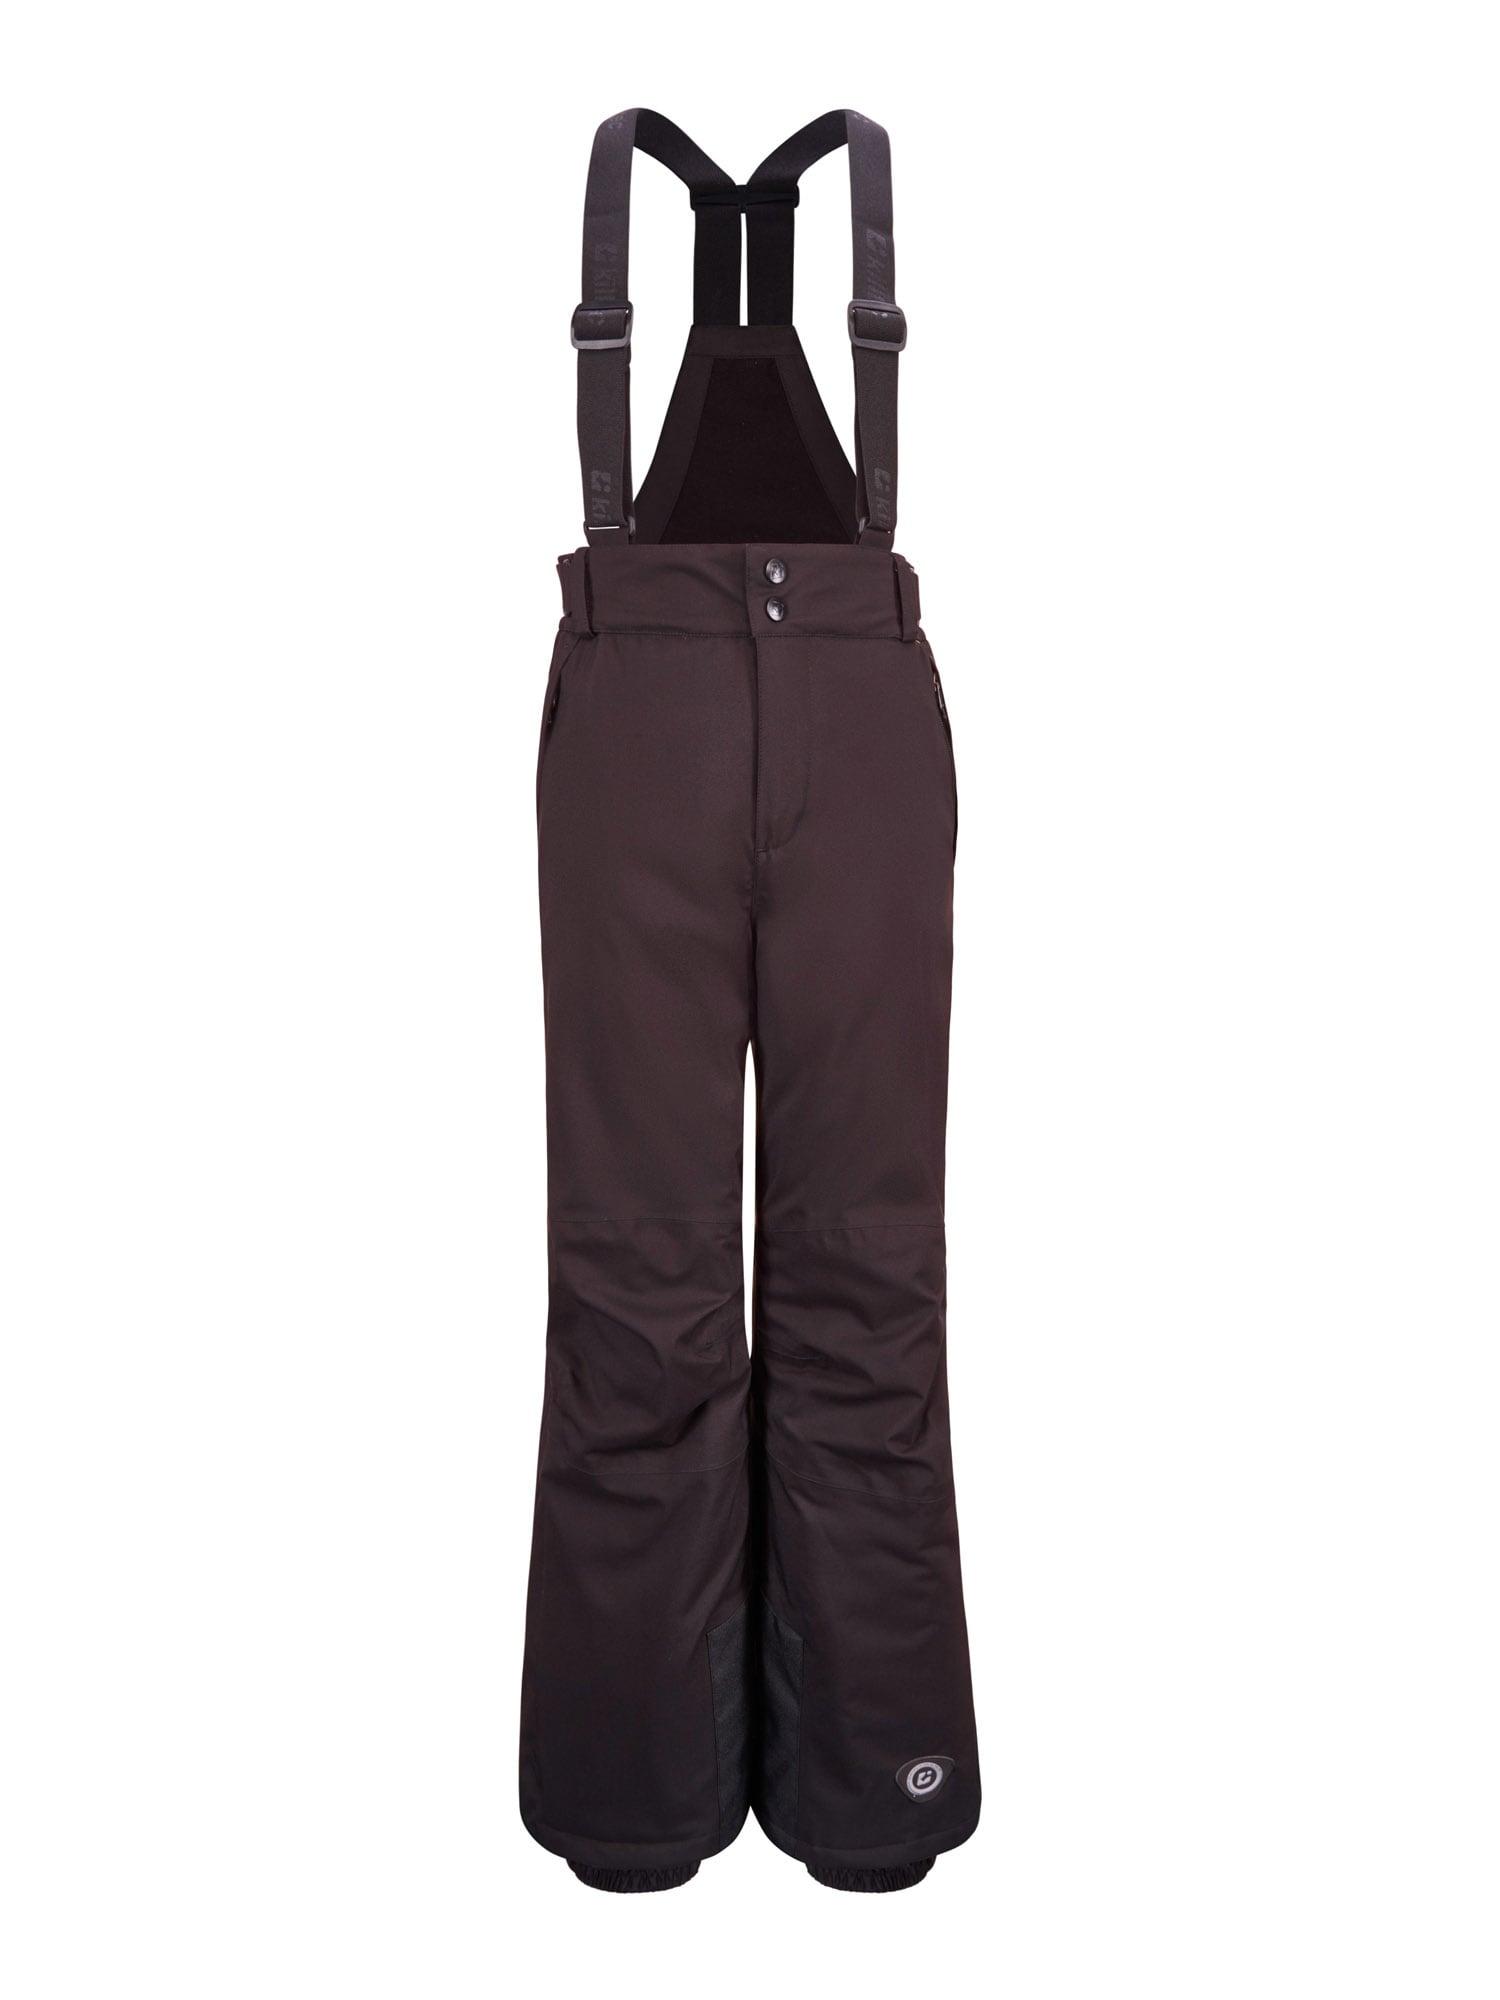 KILLTEC Pantalon de sport 'Gauror'  - Noir - Taille: 176 - boy